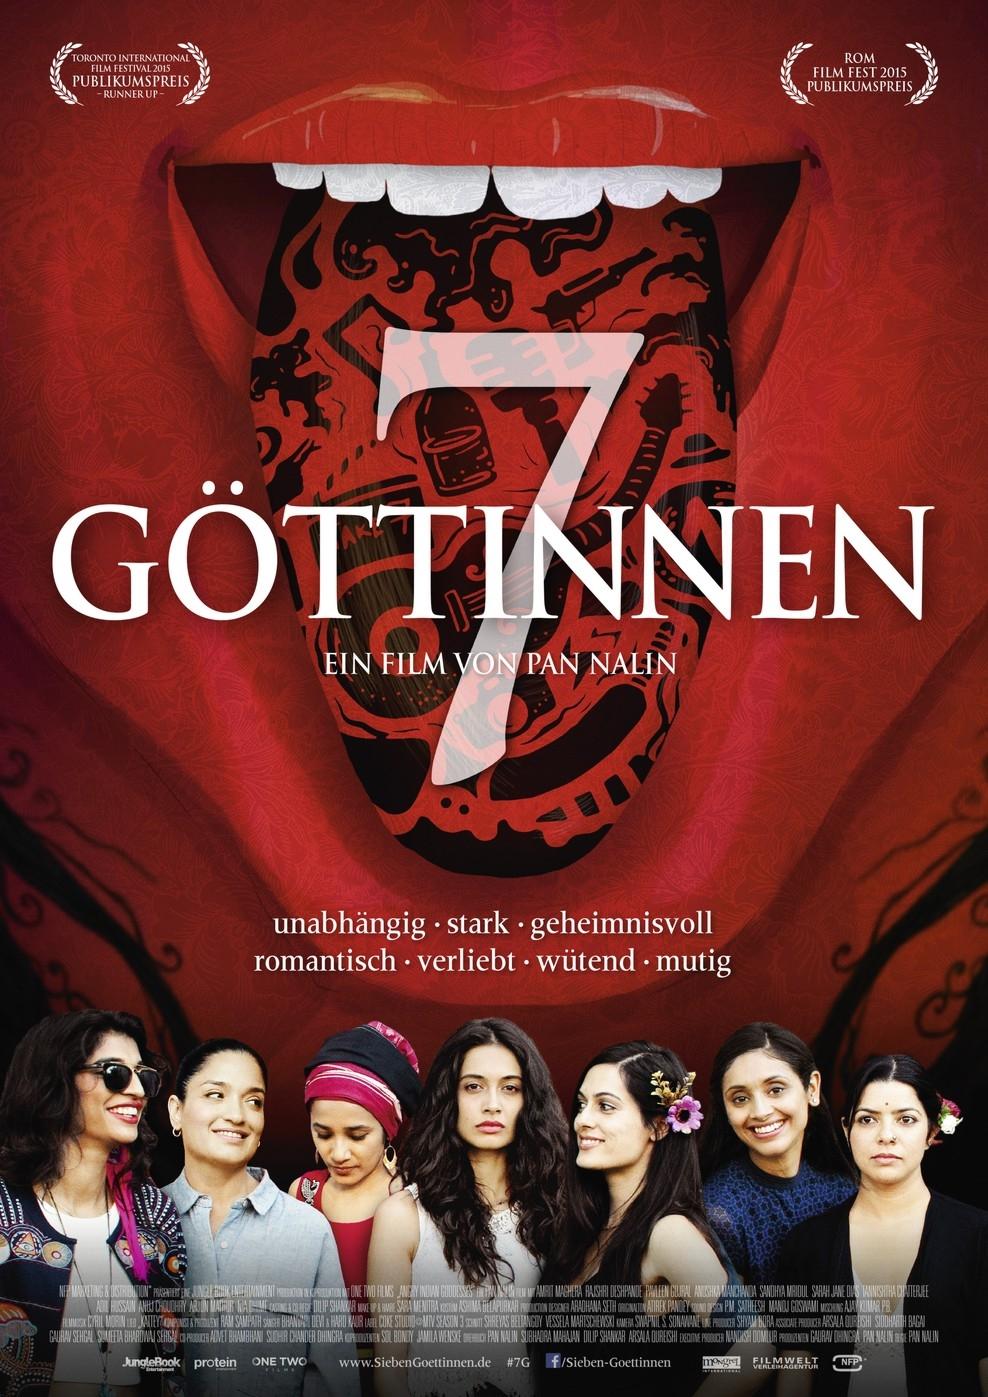 7 Göttinnen (Poster)